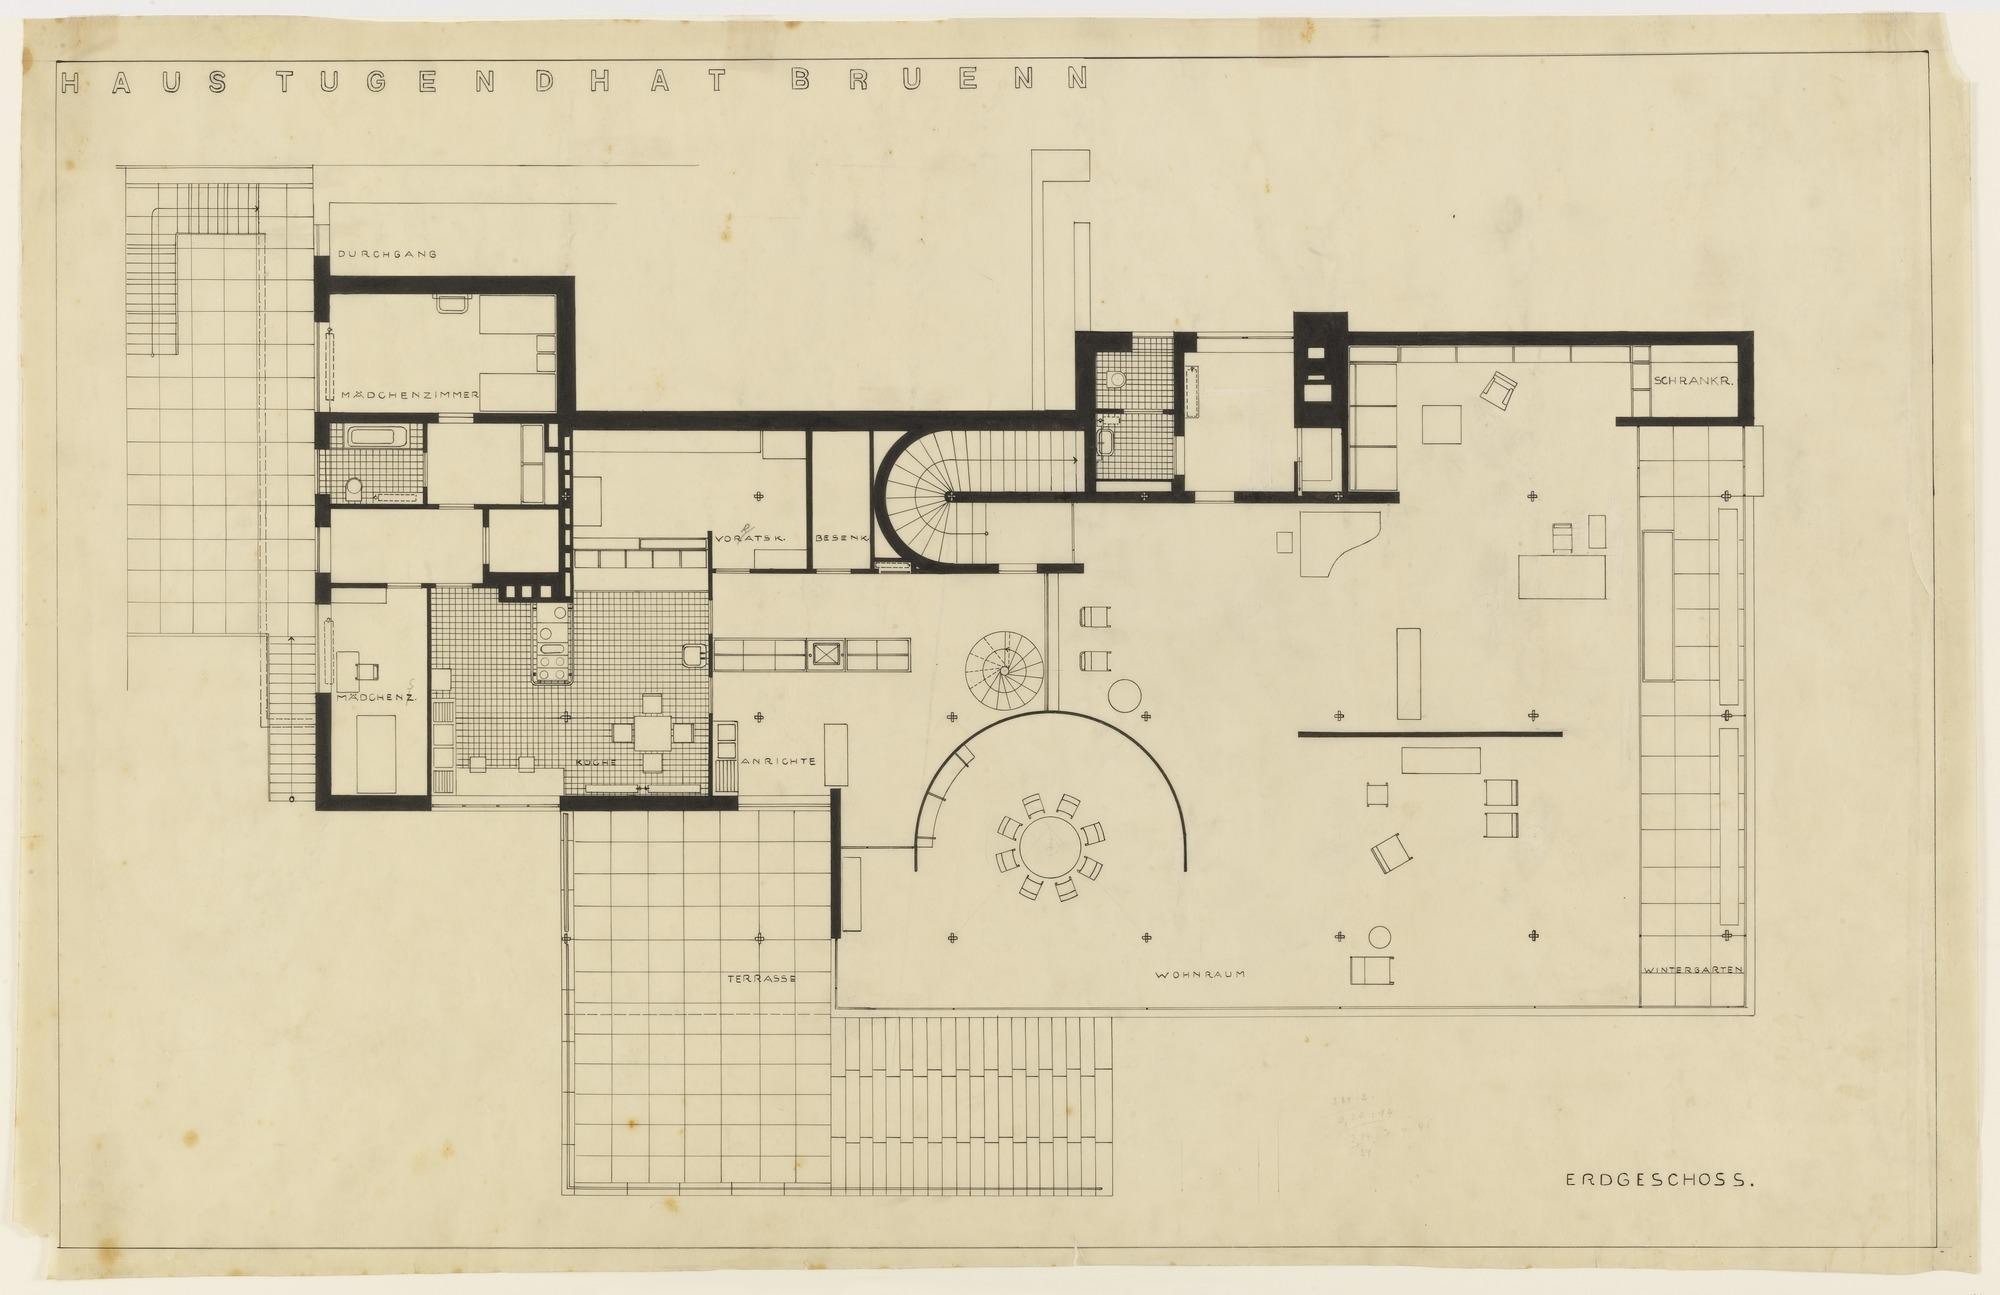 Ejemplo de distribución cumpliendo necesidades y rompiendo esquemas. Planta de la Villa Tugendhat 1929, diseño de Mies Van Der Rohe (1886-1969). Fuente: MoMa museum NY.